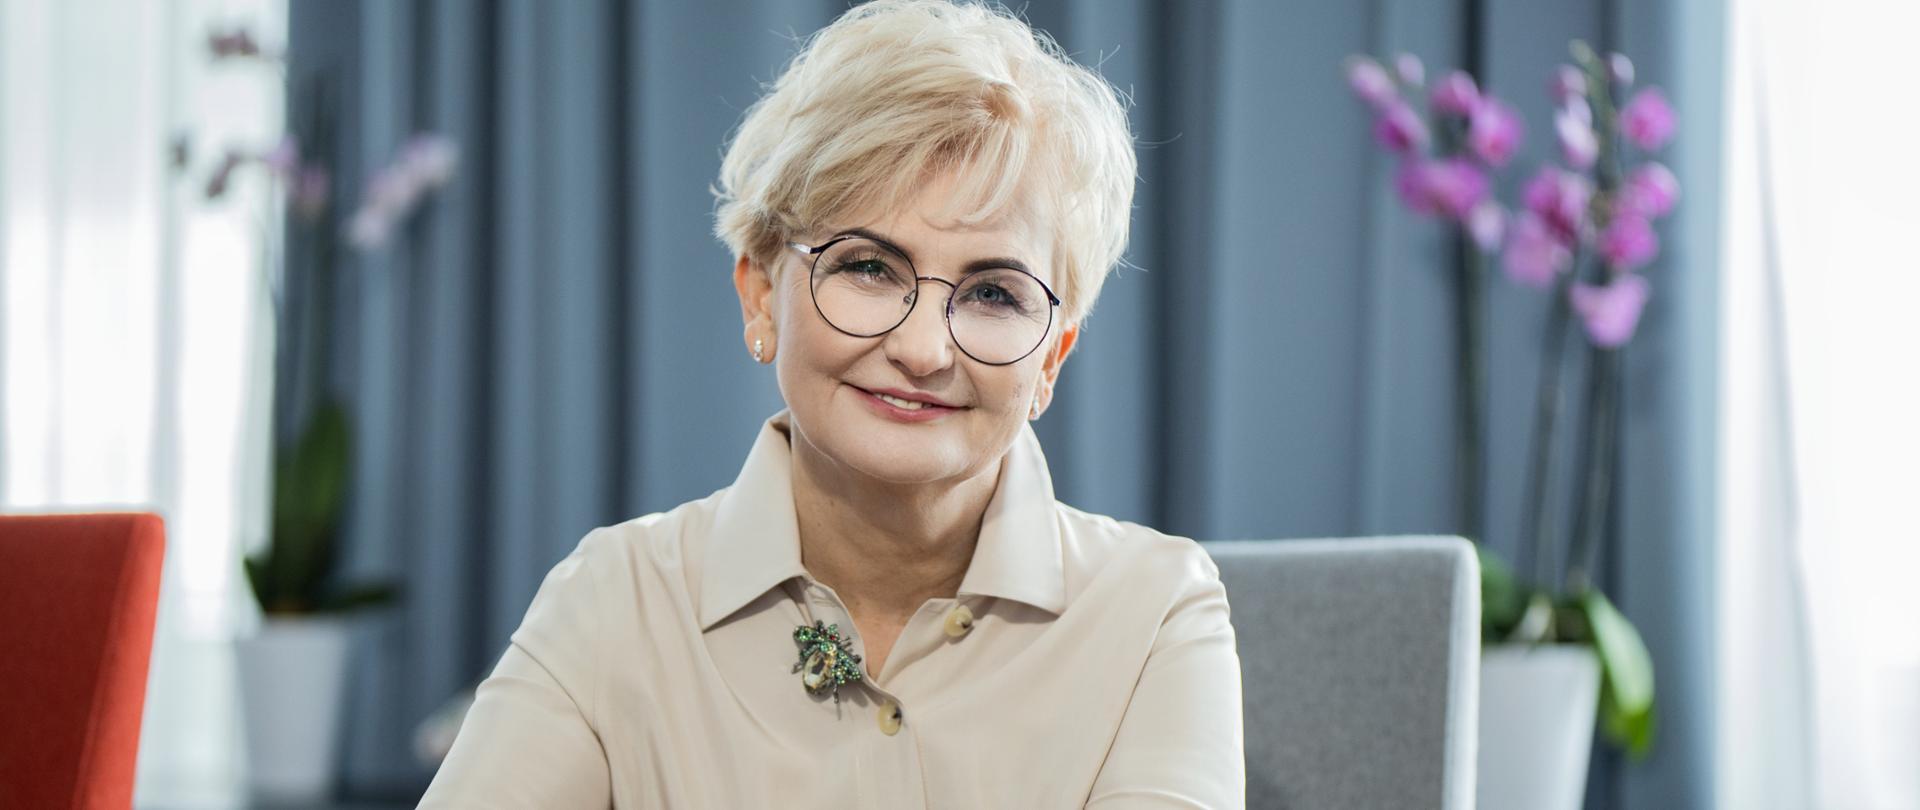 Apel Minister Iwony Michałek do przedsiębiorców o czasowe wdrożenie pracy zdalnej - Ministerstwo Rozwoju, Pracy i Technologii - Portal Gov.pl